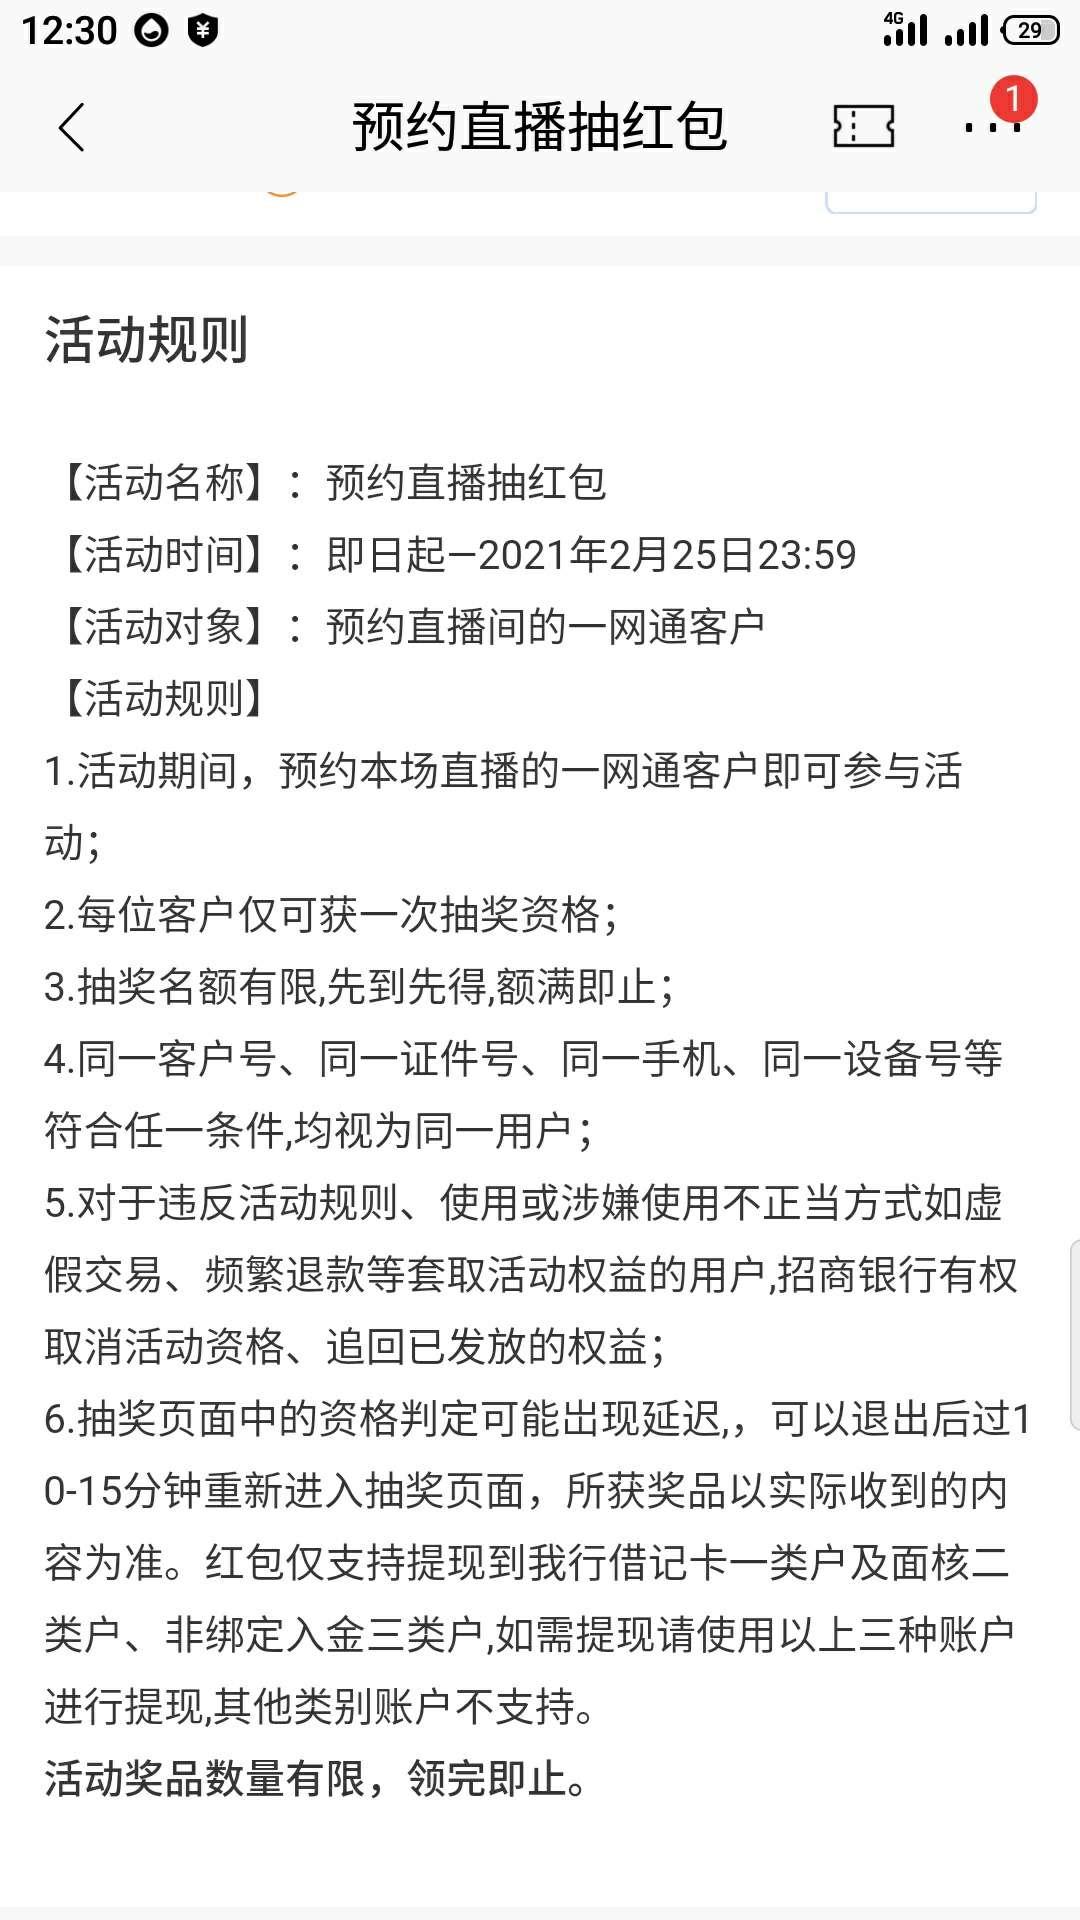 招商银行app预约直播抽红包插图1